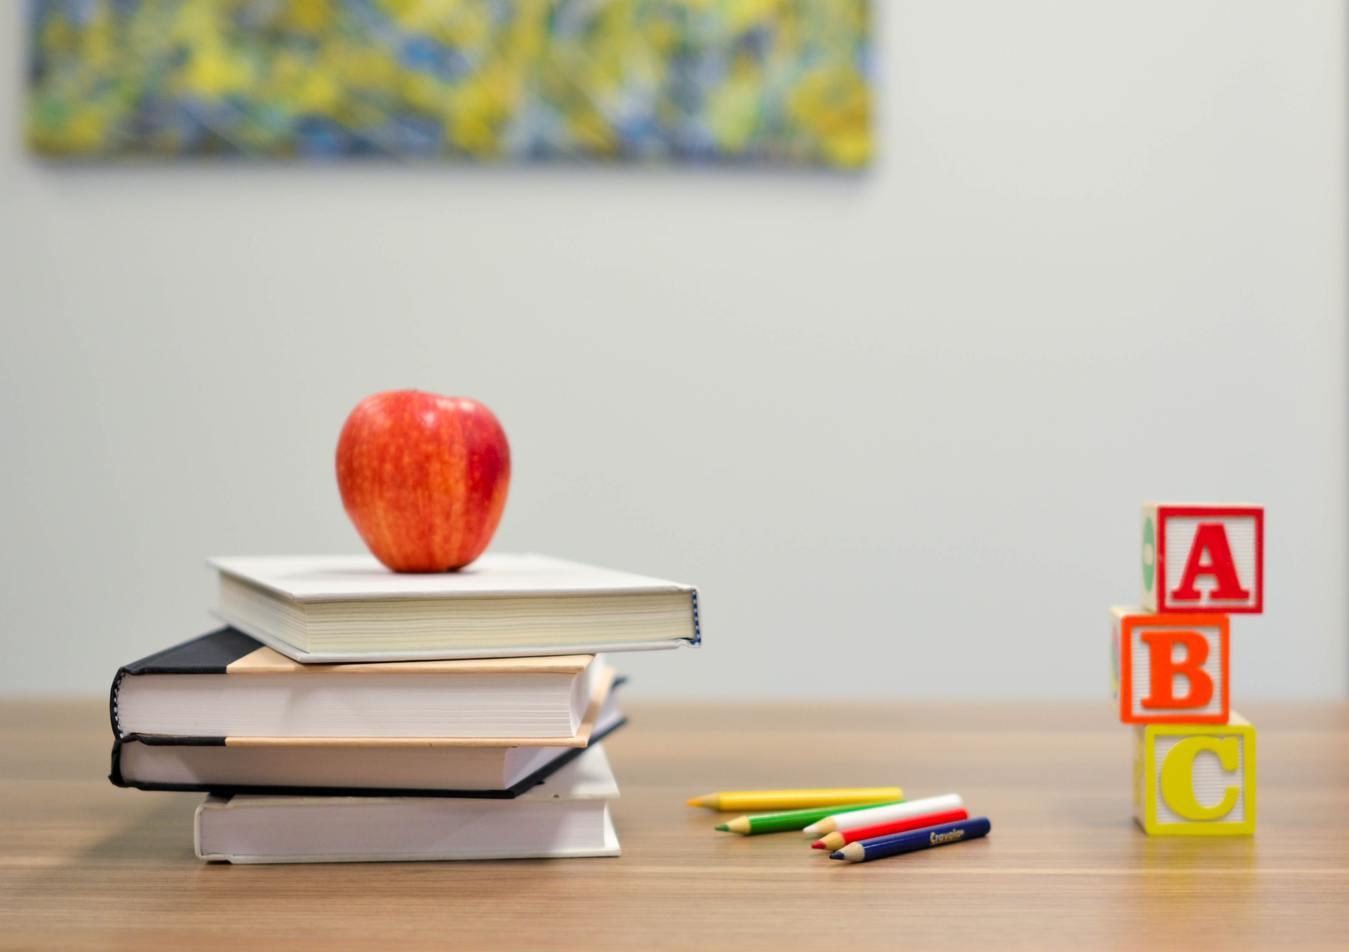 Livros, canetas, uma maçã e blocos abc numa mesa